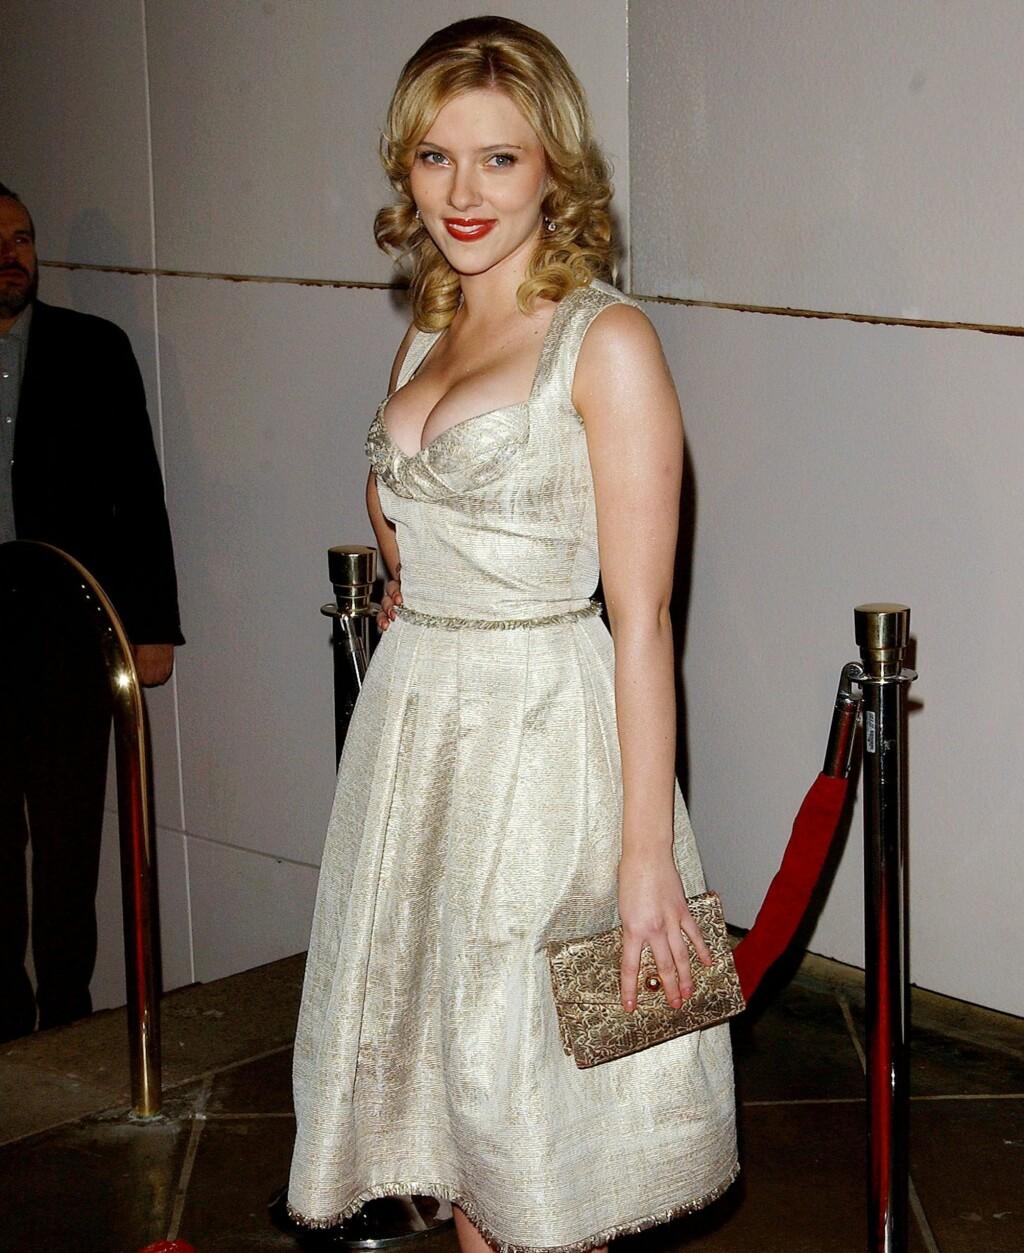 b7996033bb5e ... Skuespiller Scarlett Johansson hadde premierefestens vakreste Marilyn  Monroe-kjole - og den dypeste utringningen.